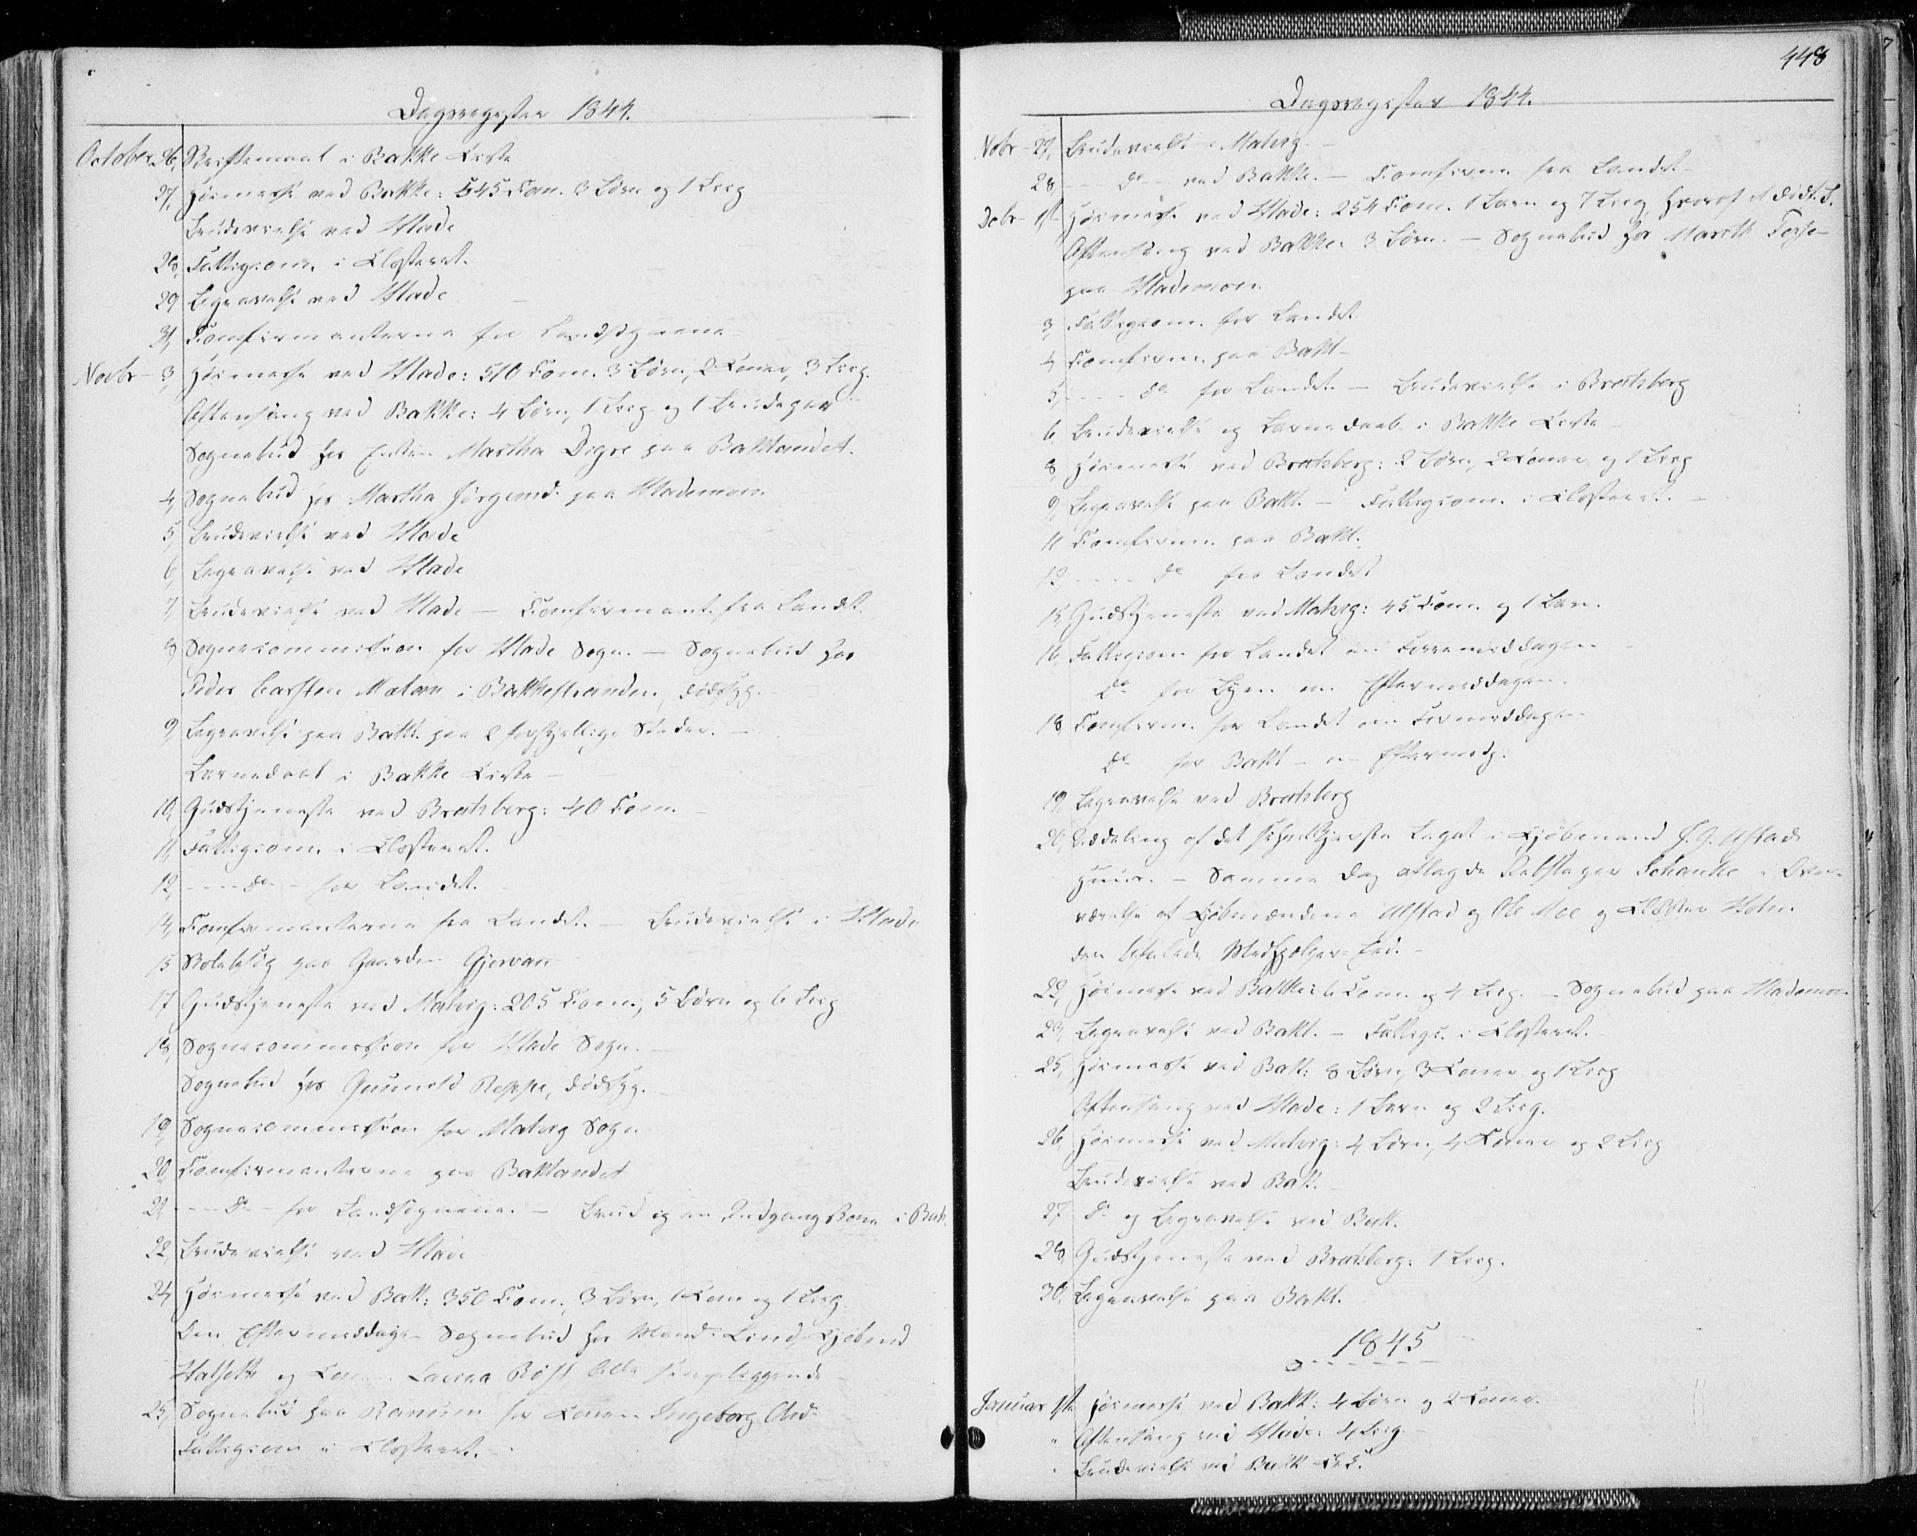 SAT, Ministerialprotokoller, klokkerbøker og fødselsregistre - Sør-Trøndelag, 606/L0290: Ministerialbok nr. 606A05, 1841-1847, s. 448